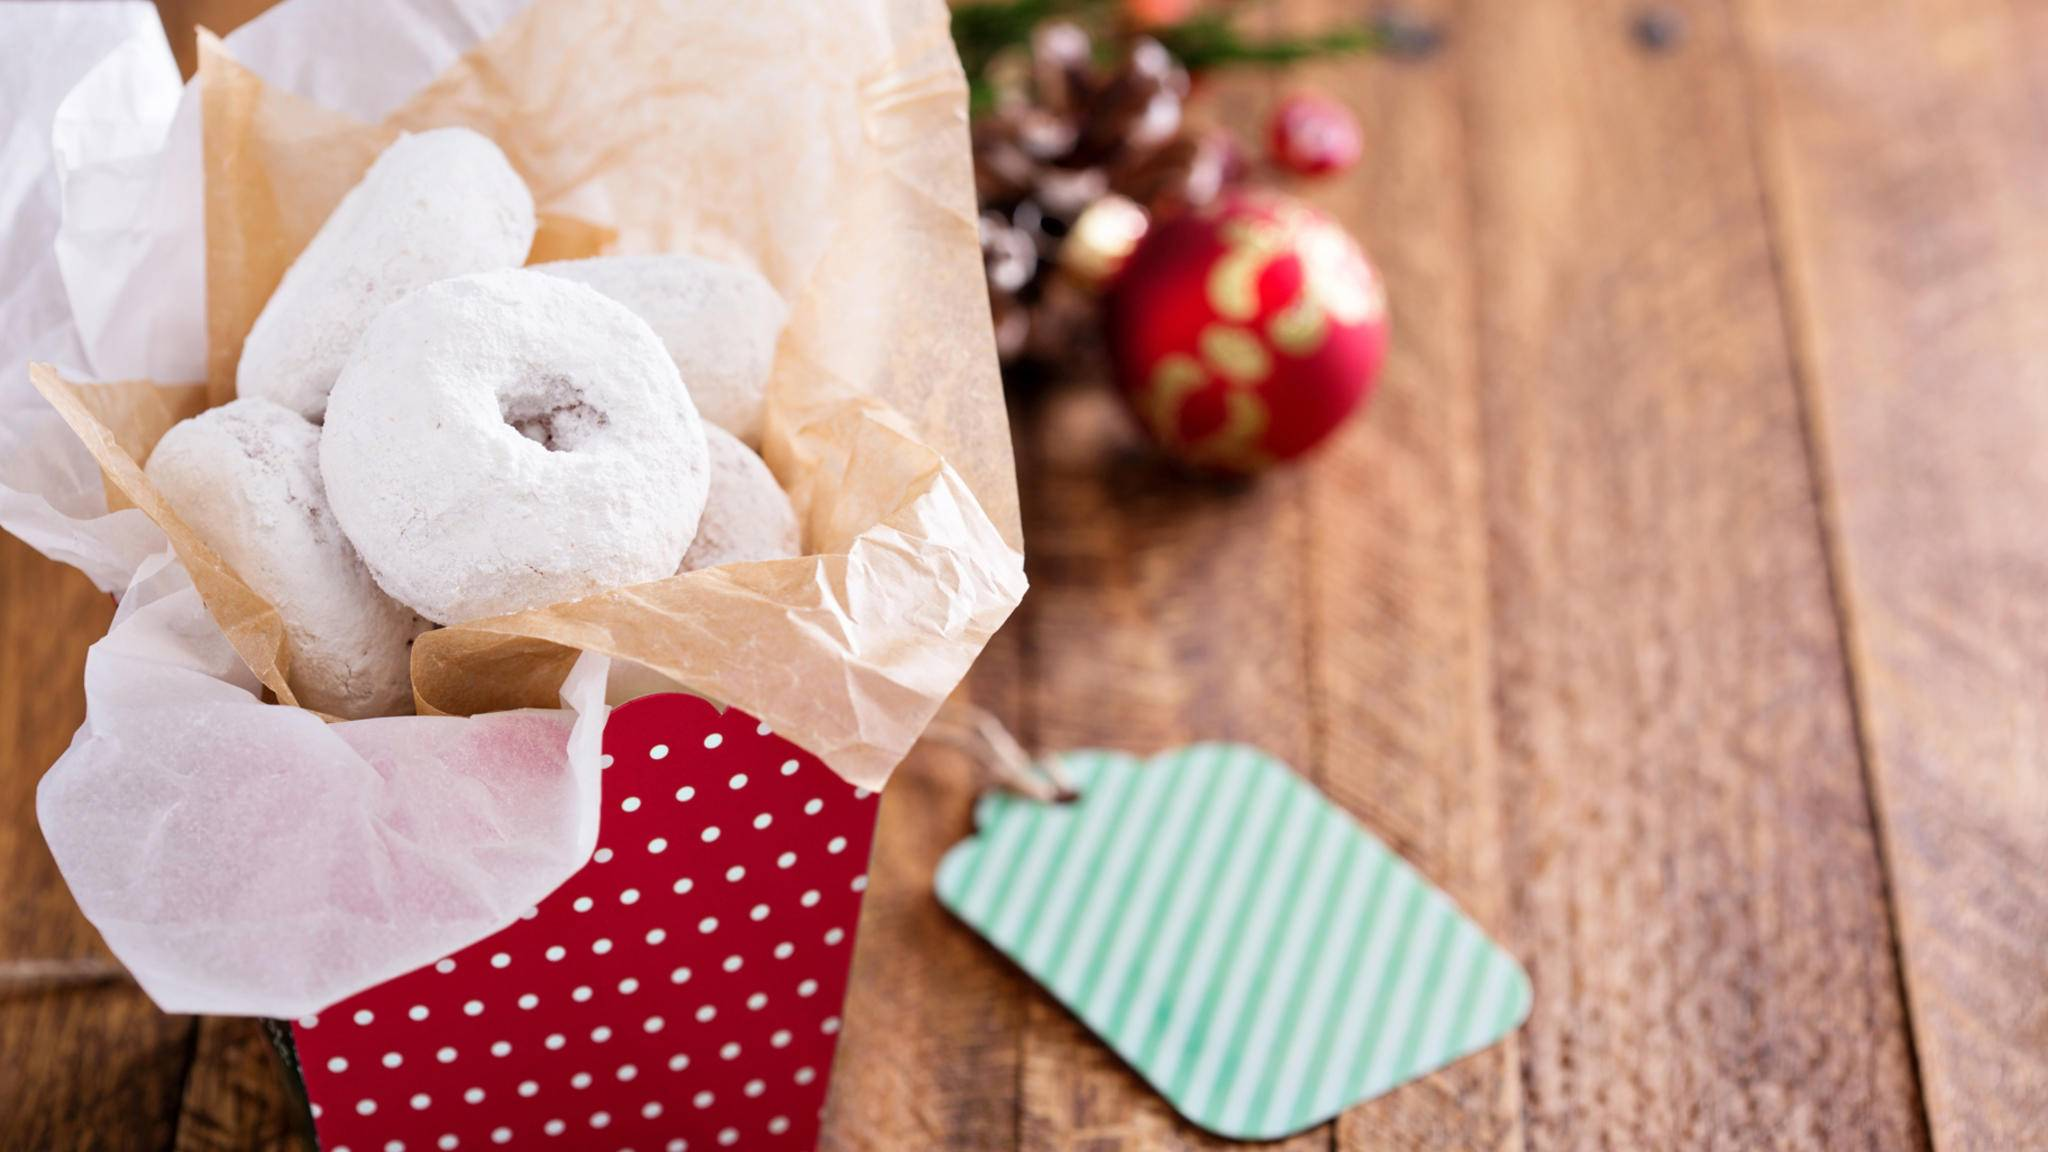 Selbst gebackene Kekse, Plätzchen und Co. sind gern gesehene Weihnachtsgeschenke.